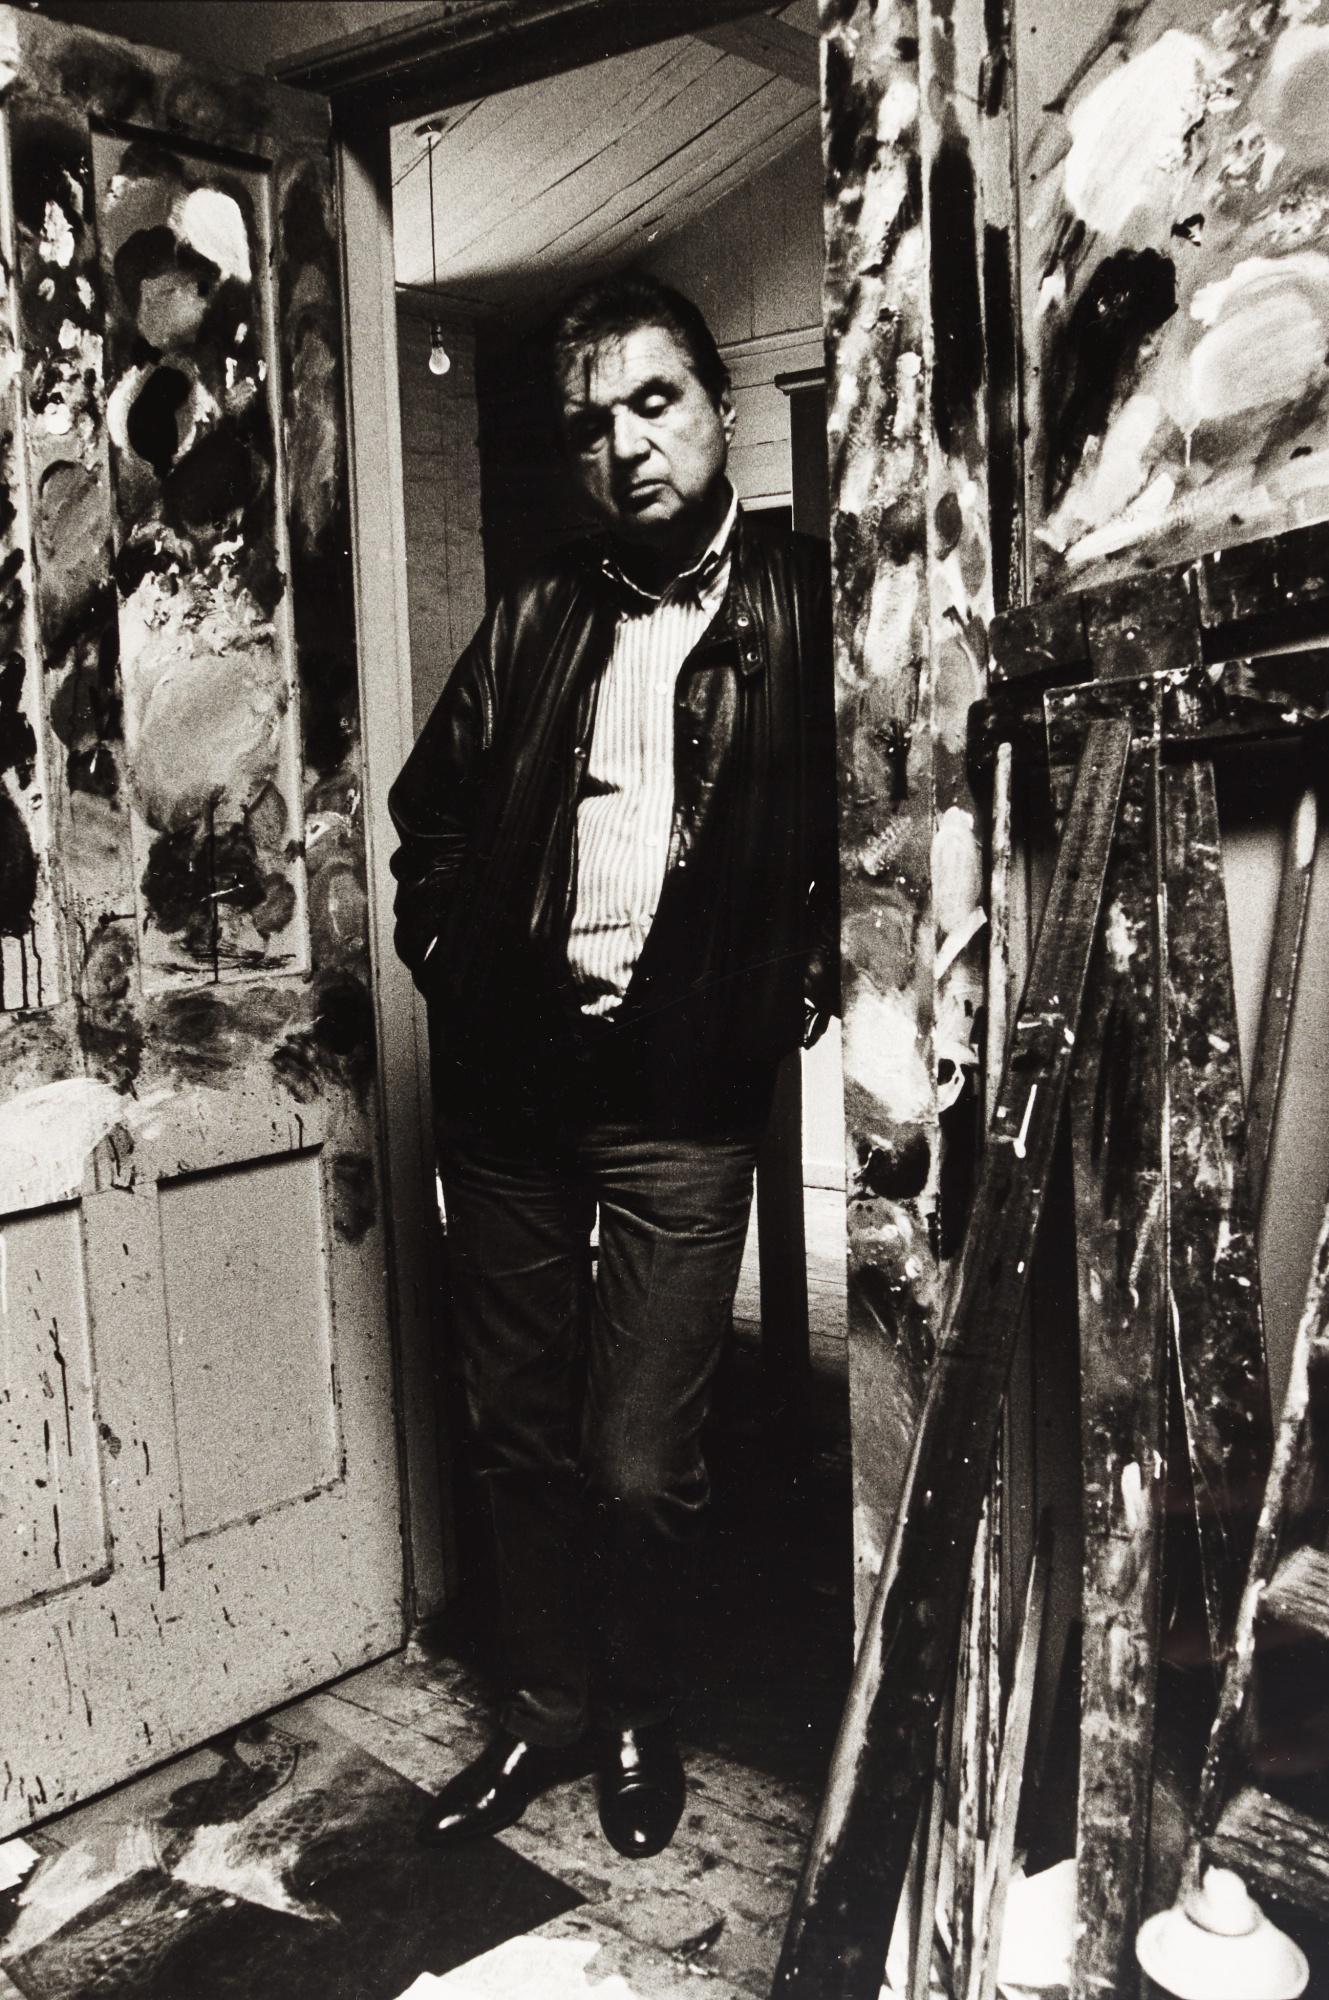 BRUCE BERNARD | FRANCIS BACON IN THE DOORWAY OF HIS STUDIO, 1984